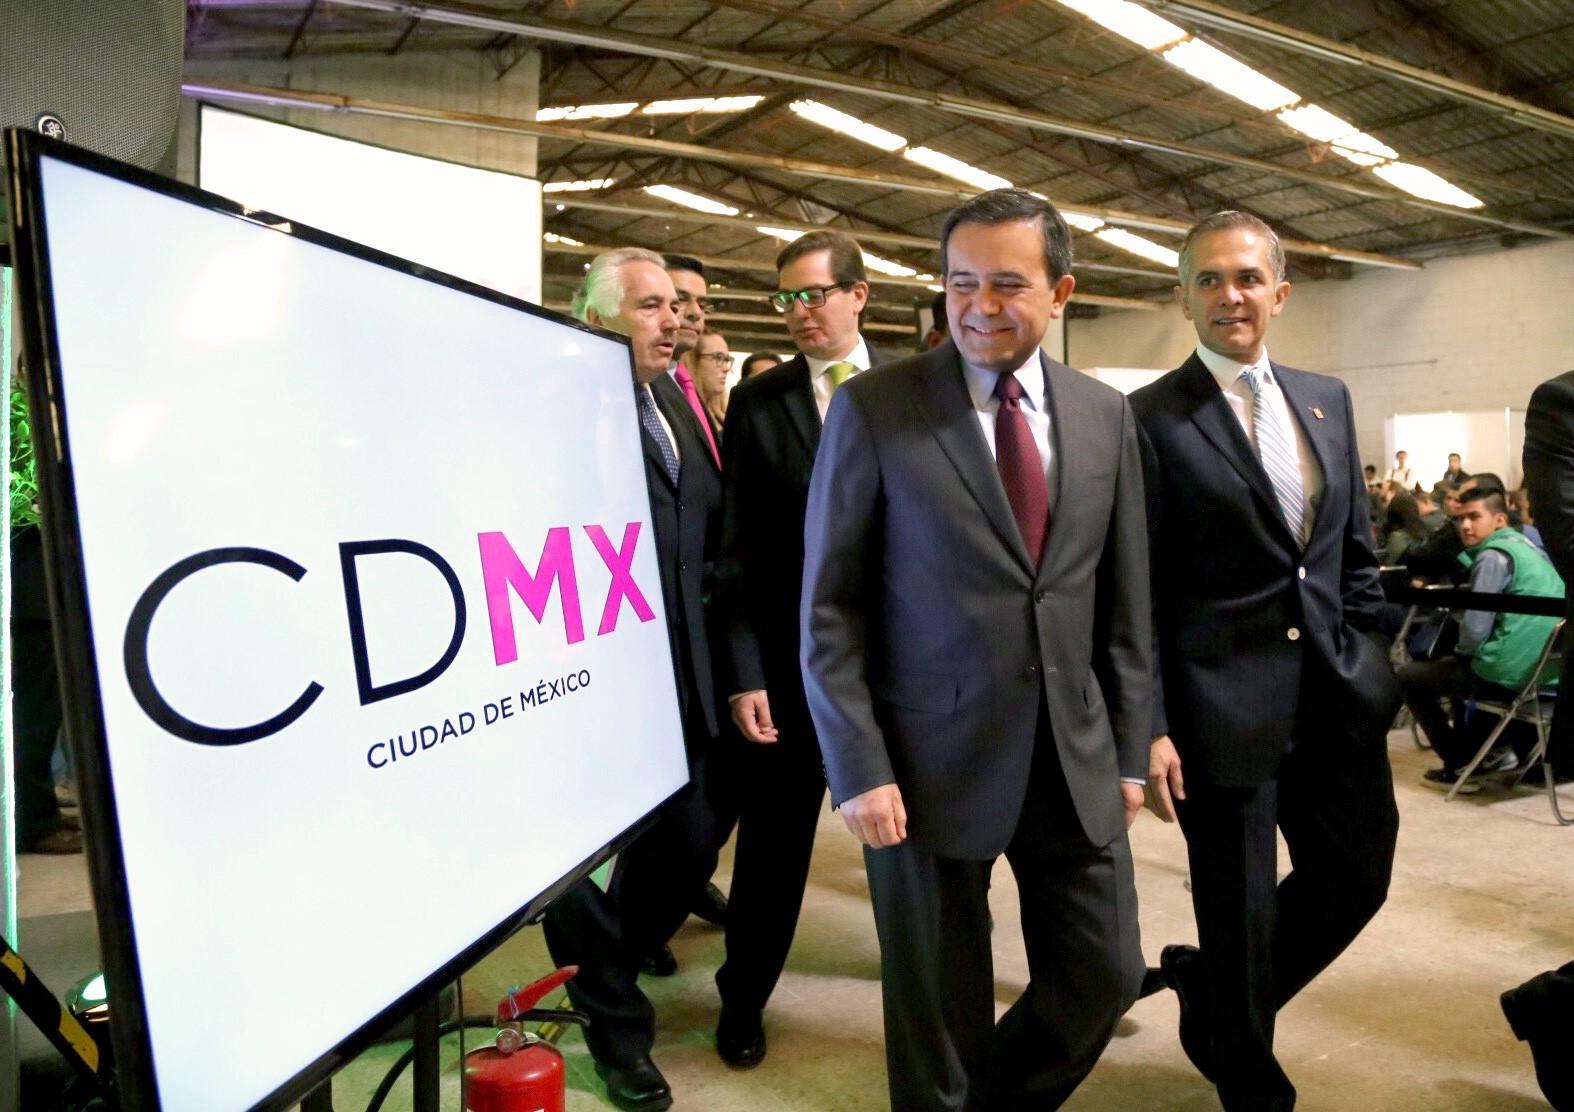 La Secretaría de Economía participa en el lanzamiento del Cleantech Labs CDMX